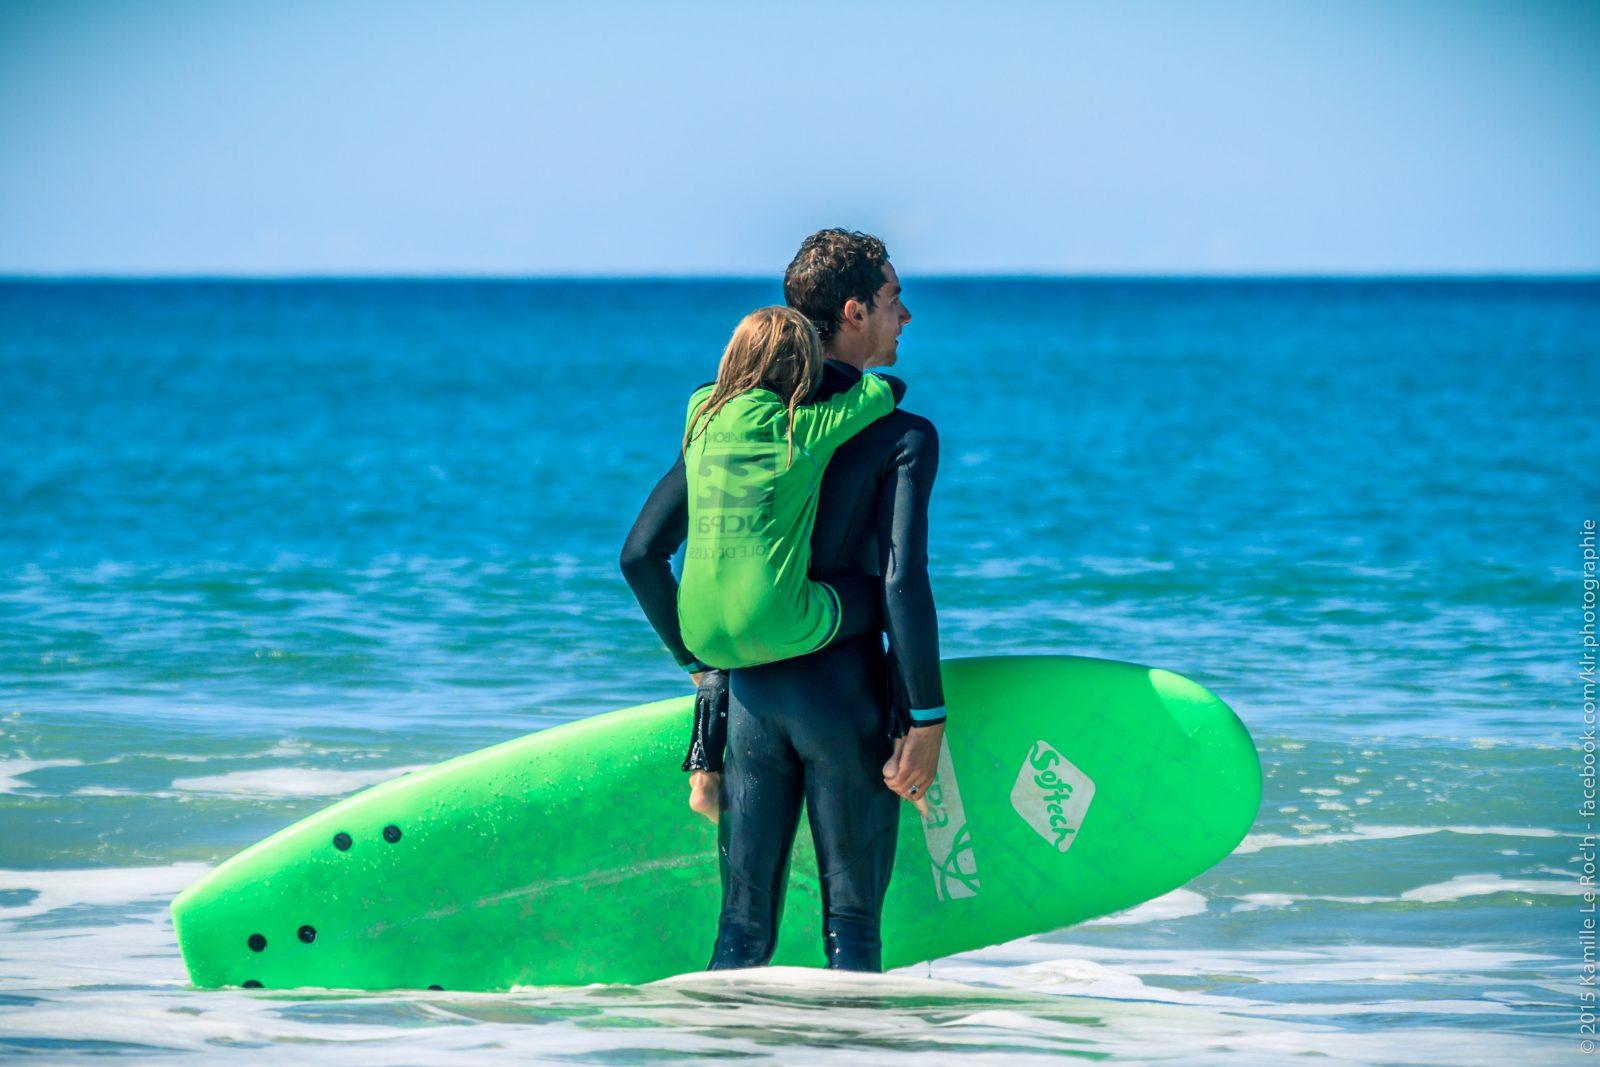 Pirate Surfing Surf Lacanau (6)